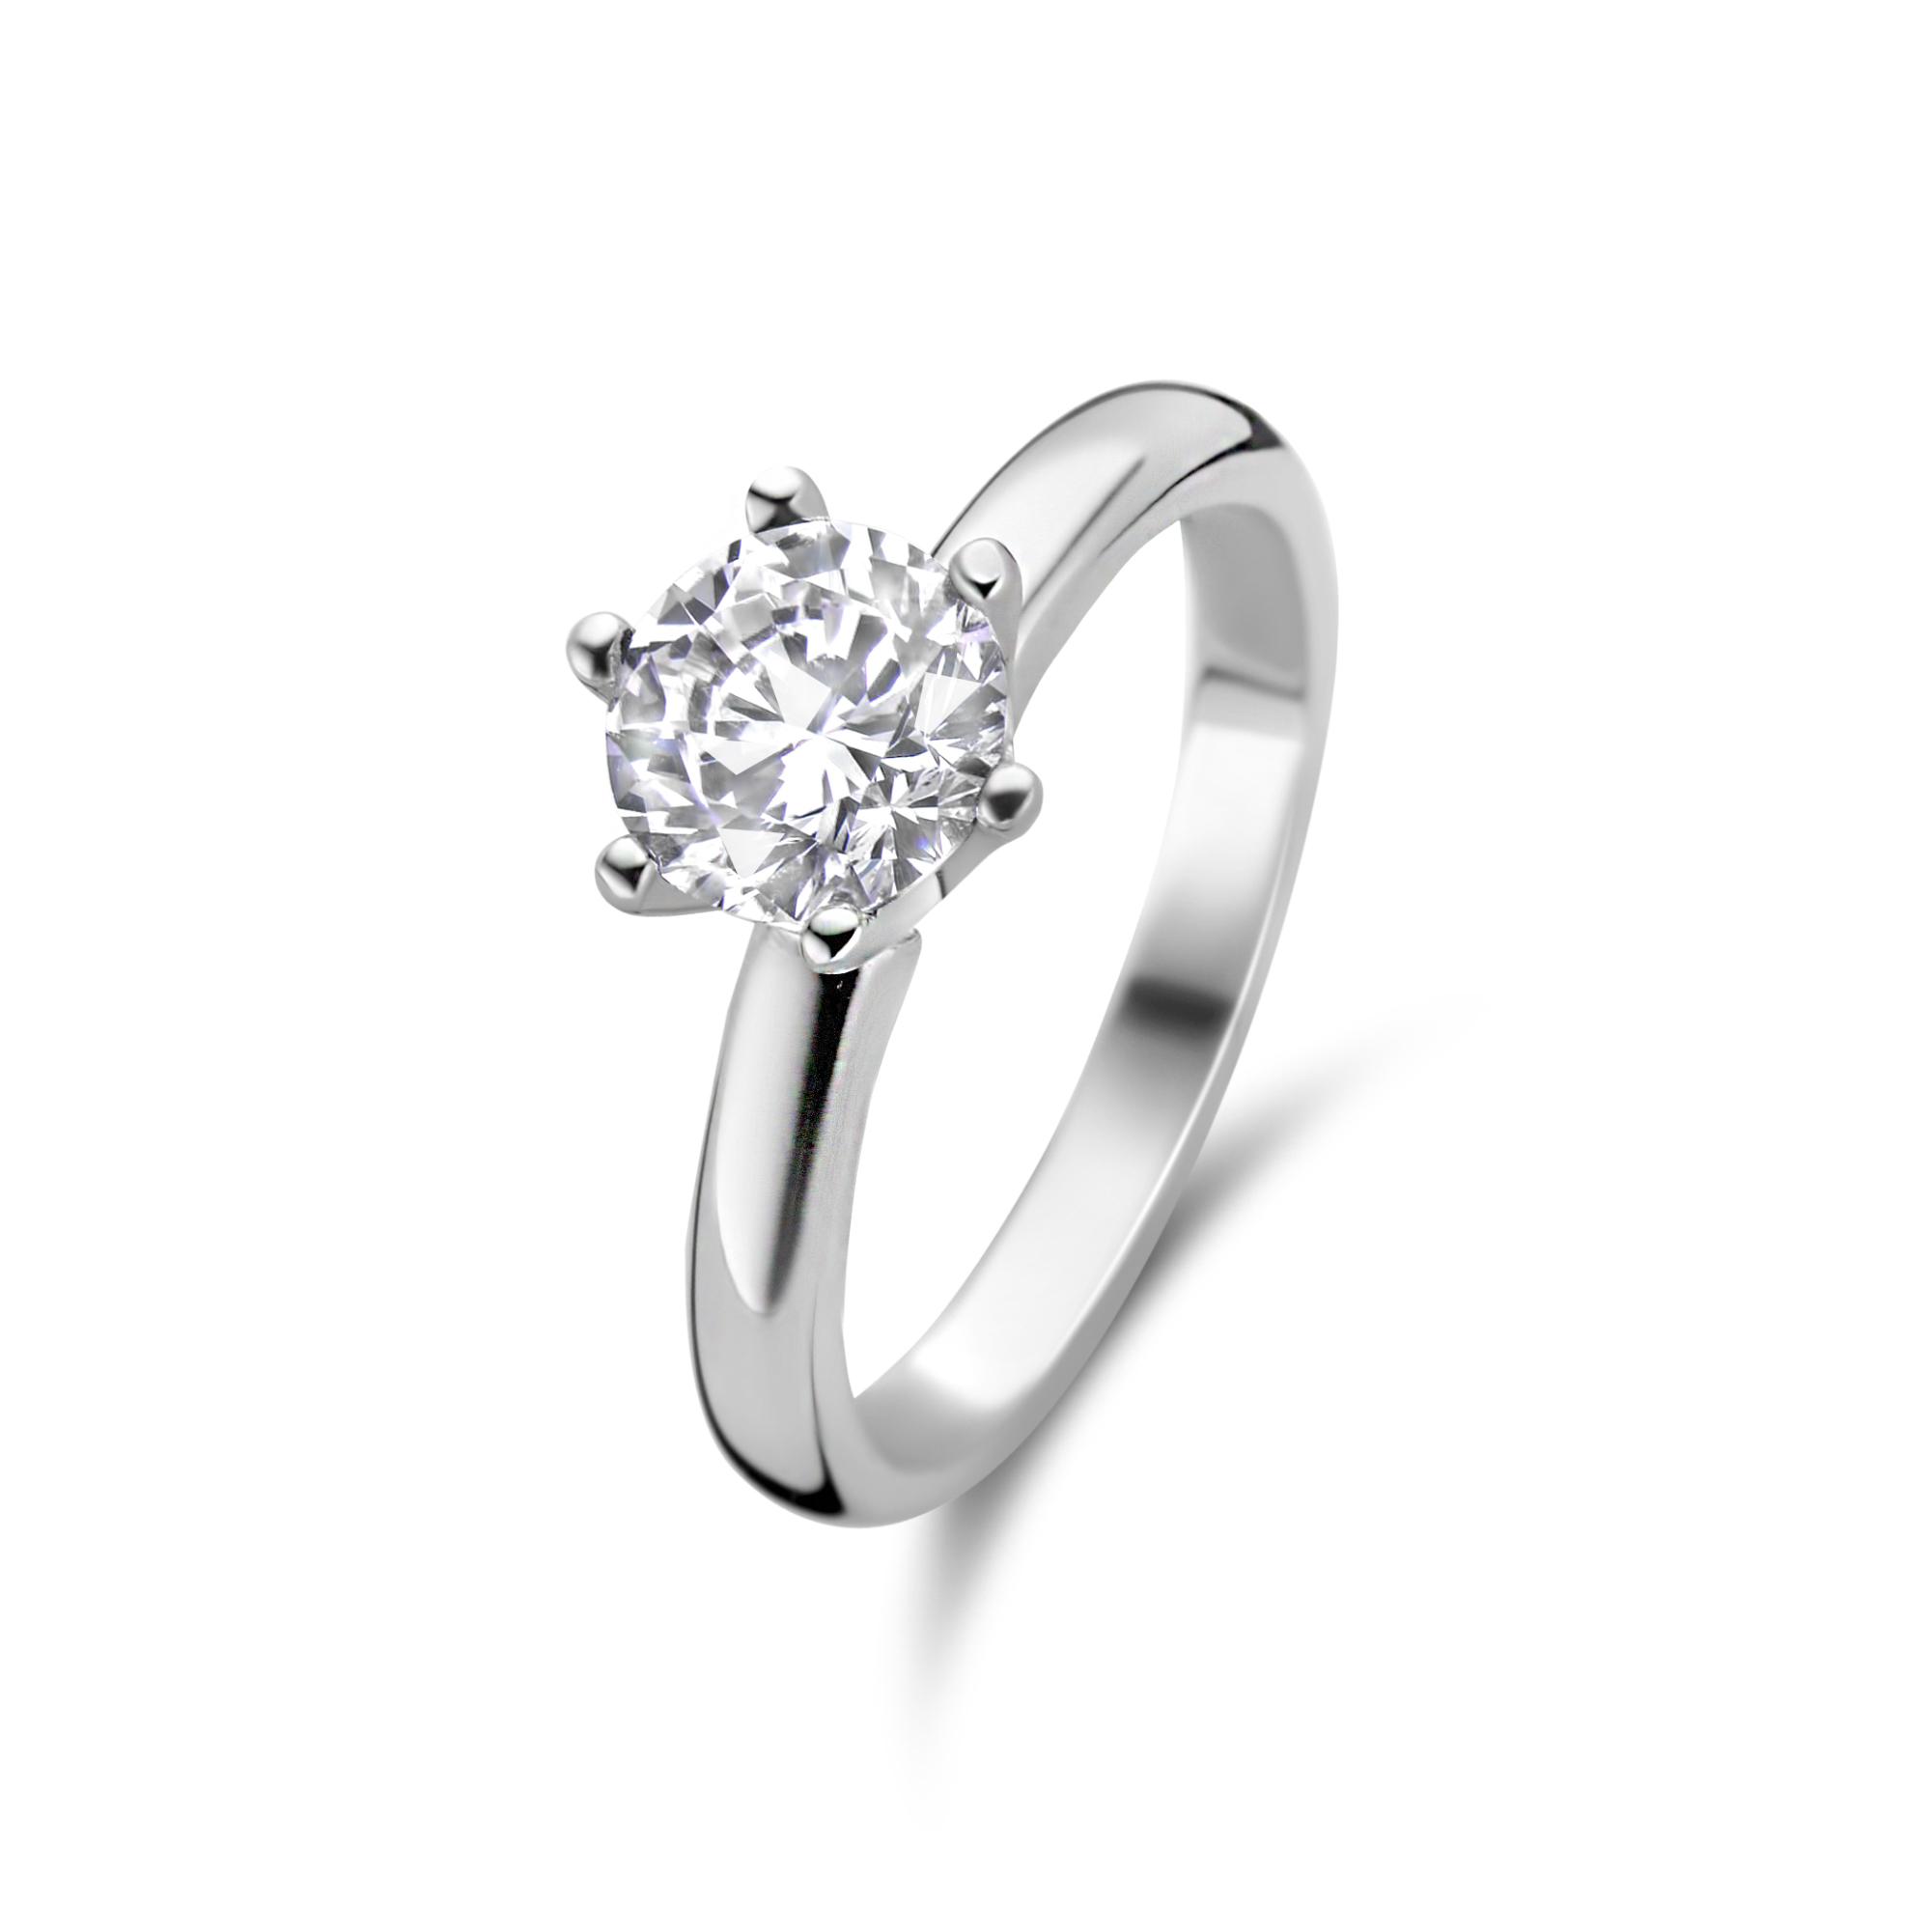 Zilveren solitaire ring gezet met zirkonia steen van 6,5mm